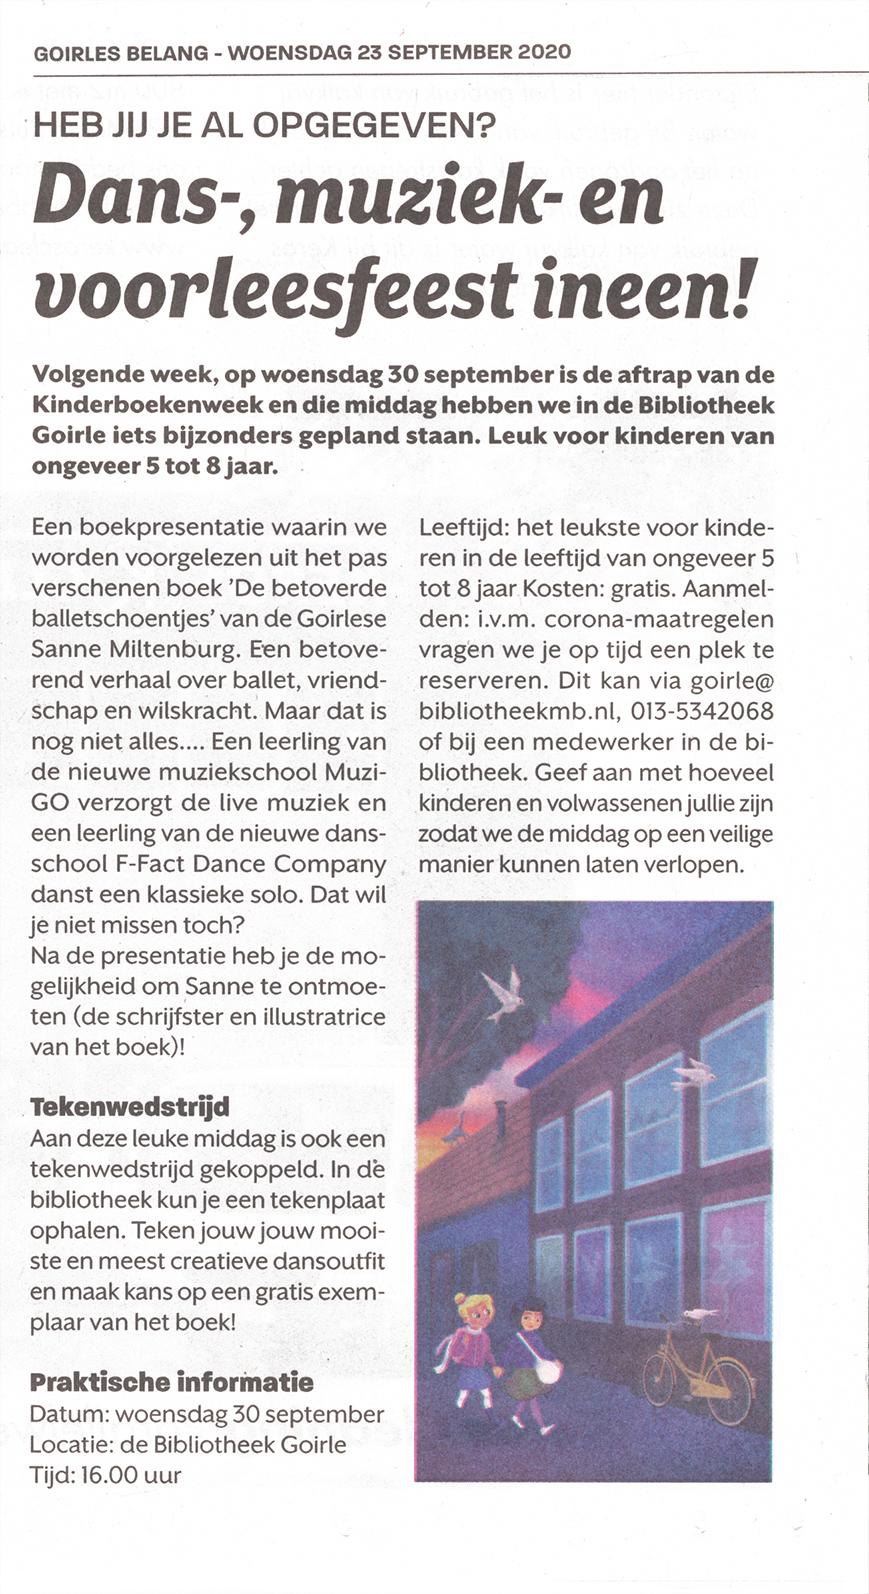 Sanne_Tekent_Illustraties-in_de_media_artikelen